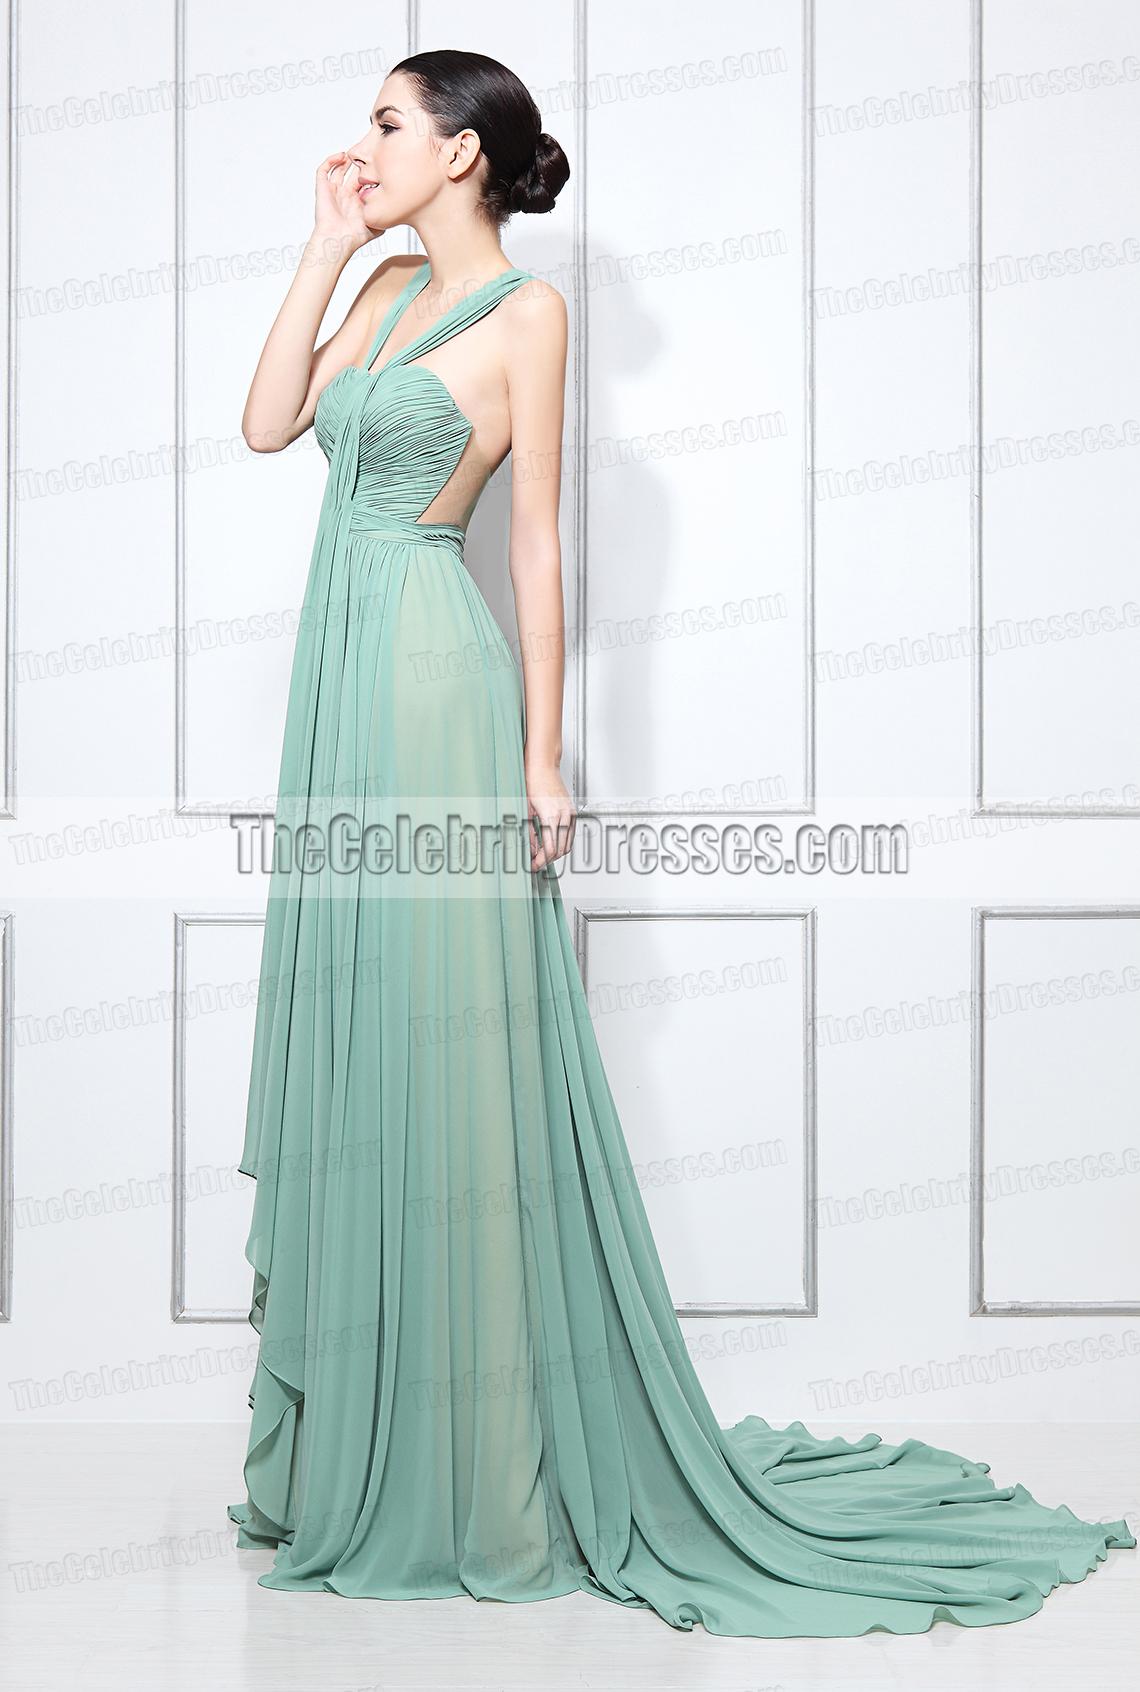 Maria Menounos Prom Dress 2012 Oscar Awards Red Carpet Celebrity ...